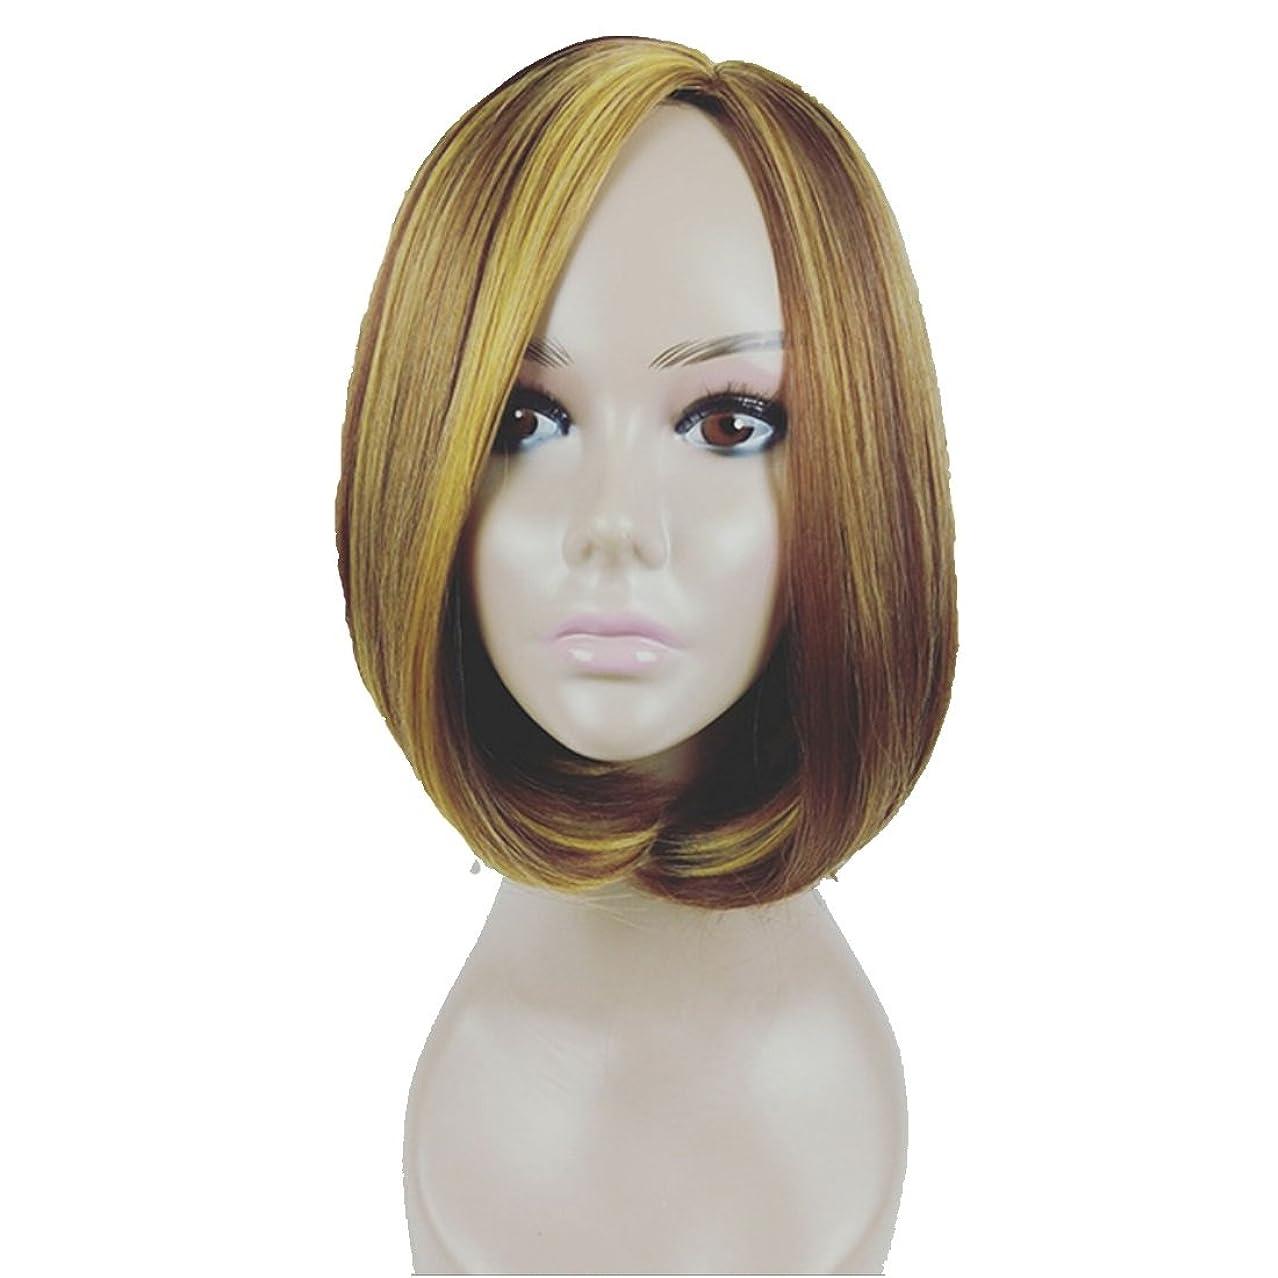 ユニークな寛容な蛇行Koloeplf 女性のための短いストレートウィッグスプリットバンズウィッグと人間の髪ボブの頭の中で自然な長いウェーブのかつらを見てパーティーのウィッグ (Color : Black gold)